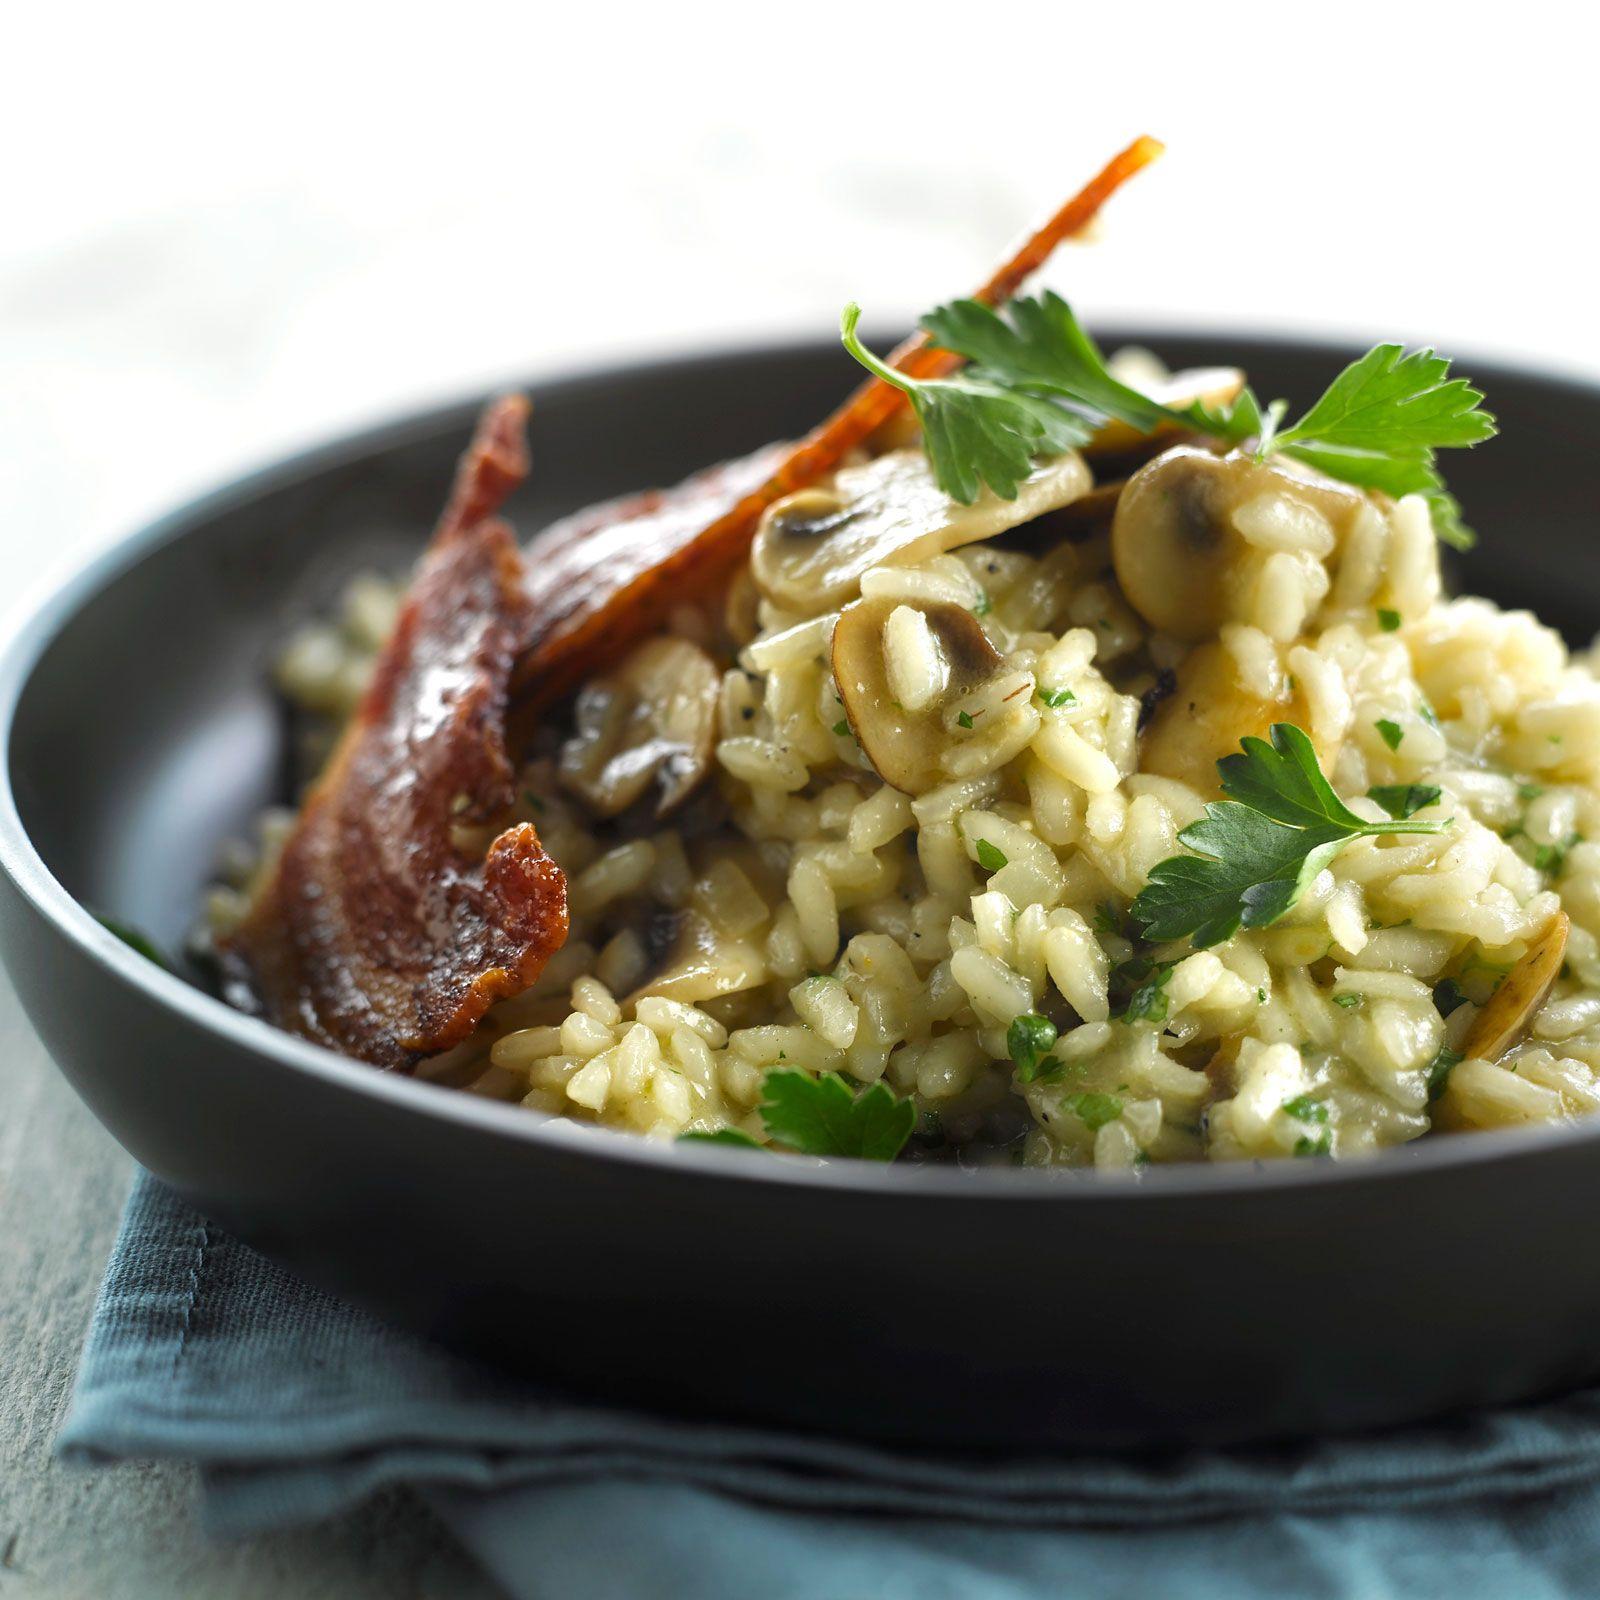 Risotto aux champignons   Recette   Risotto champignons, Recettes de cuisine et Recette risotto ...